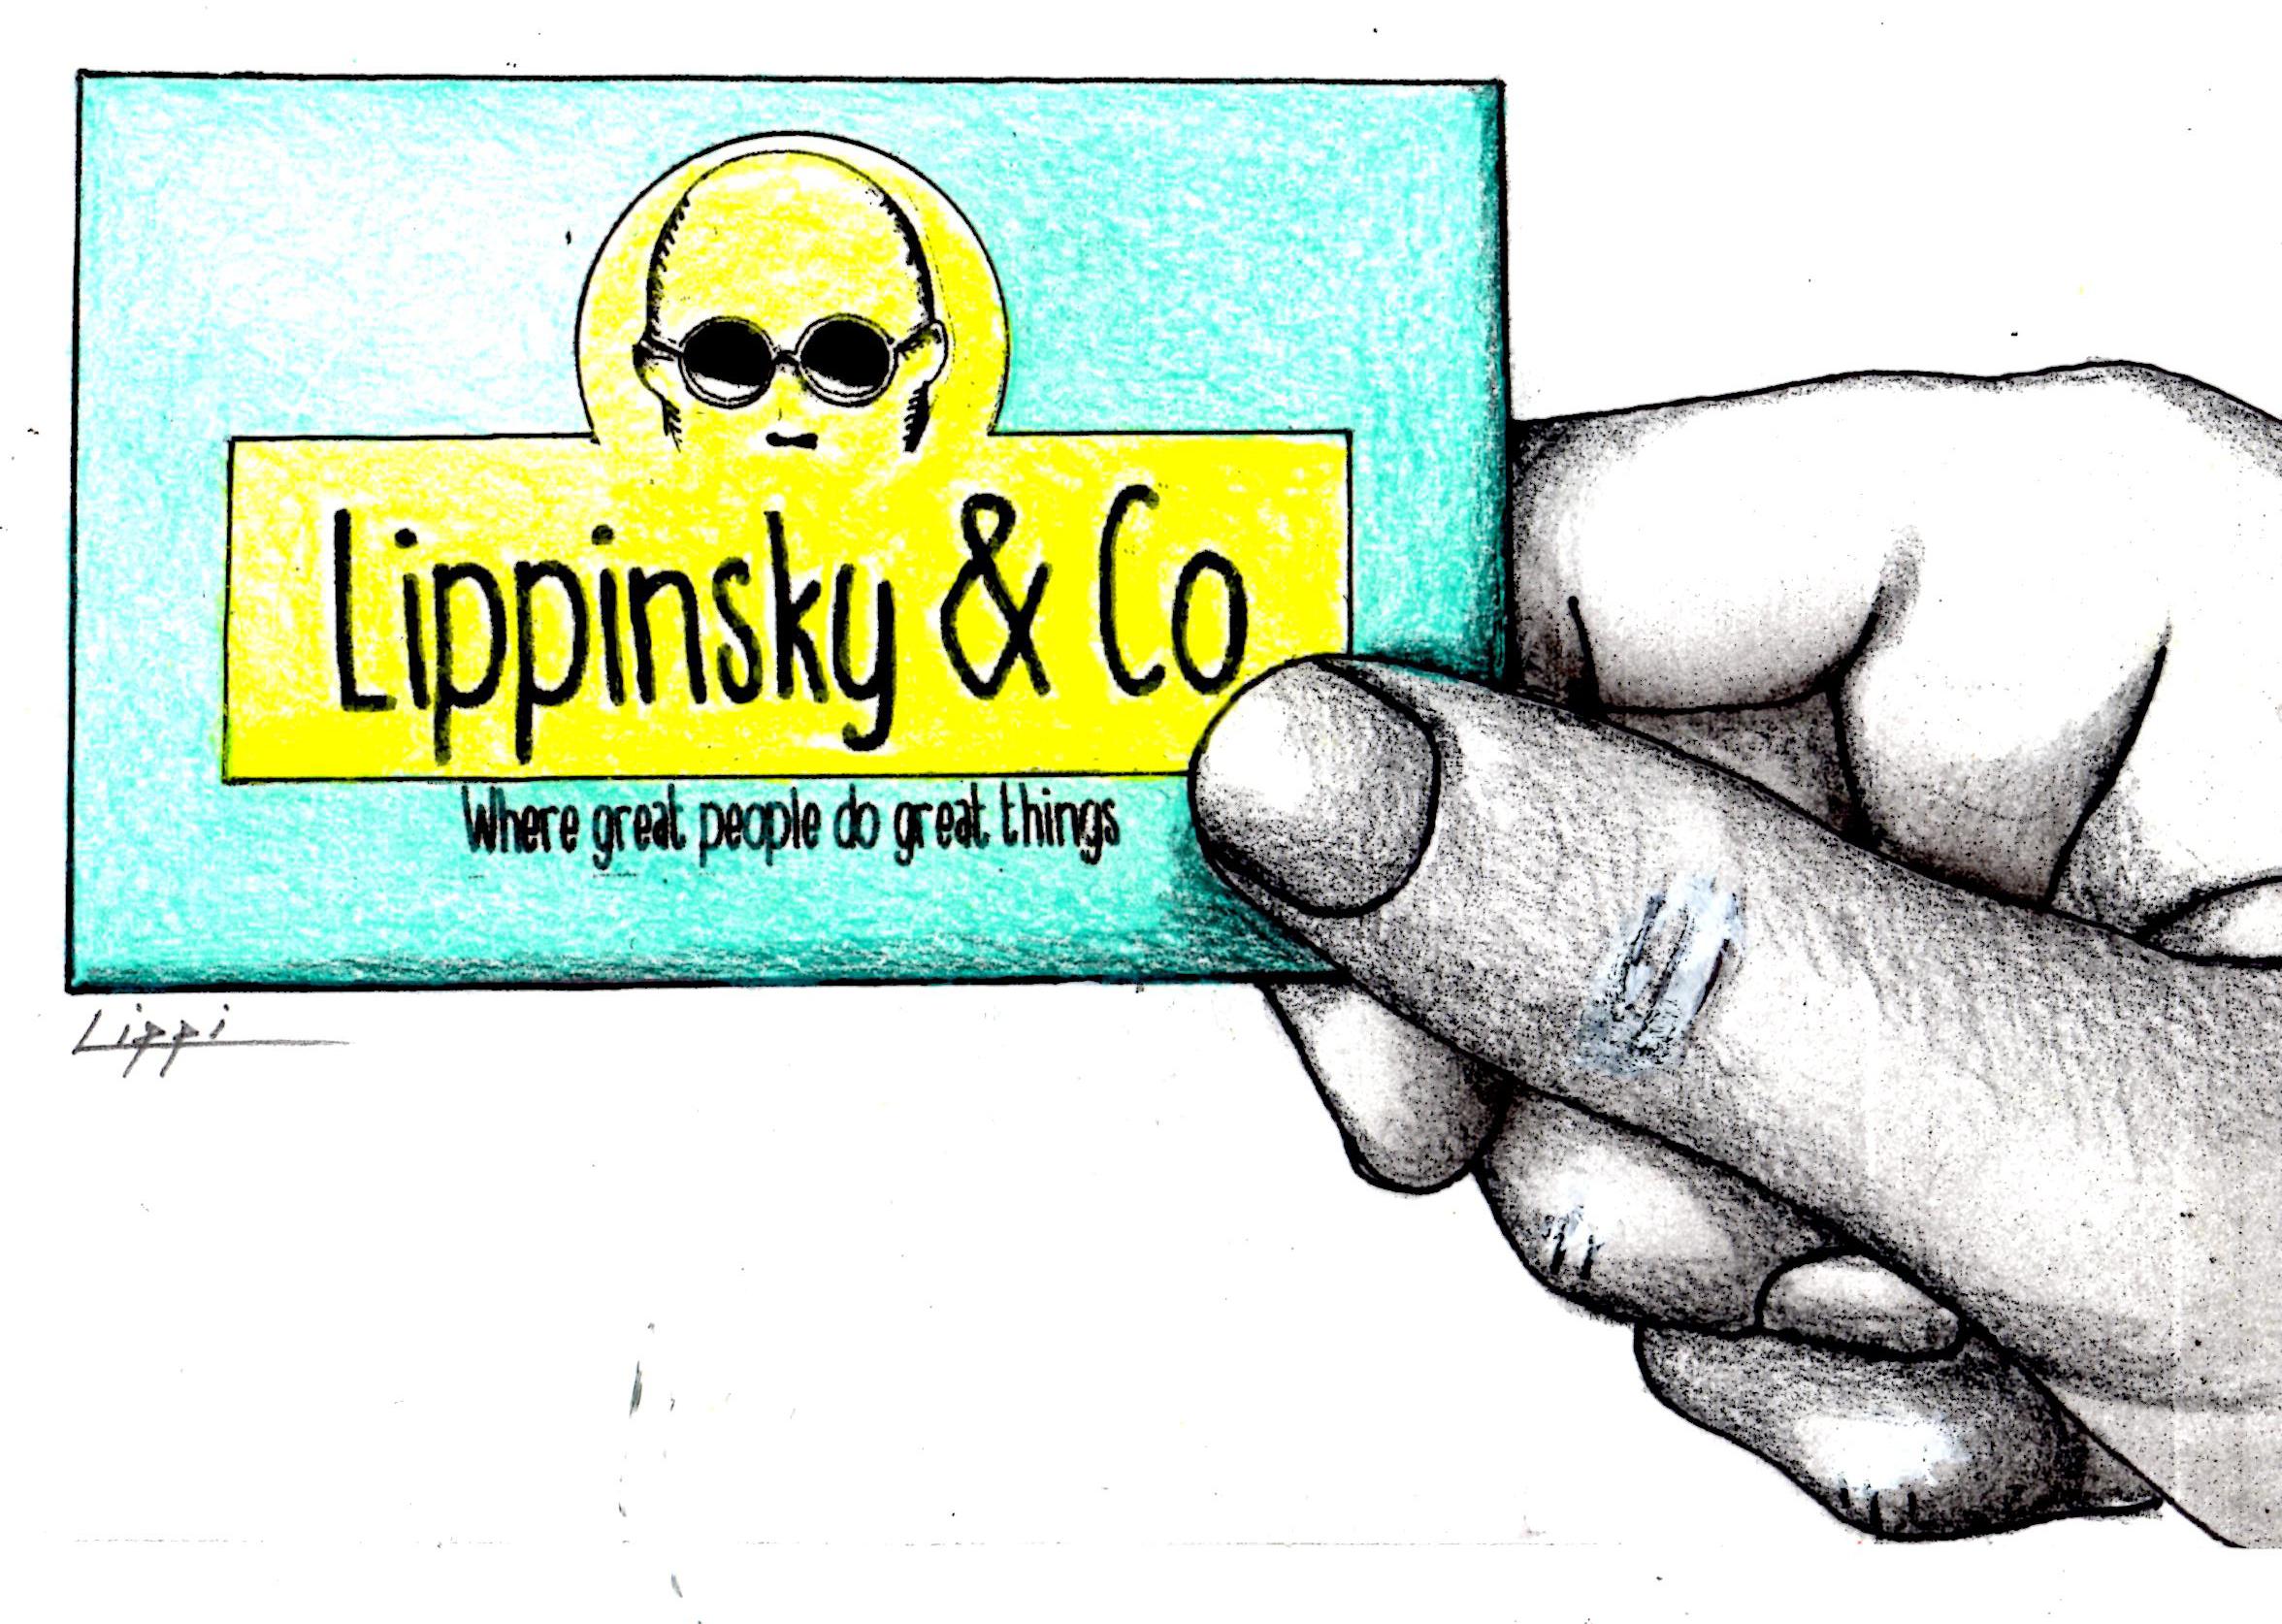 lippinsky & co